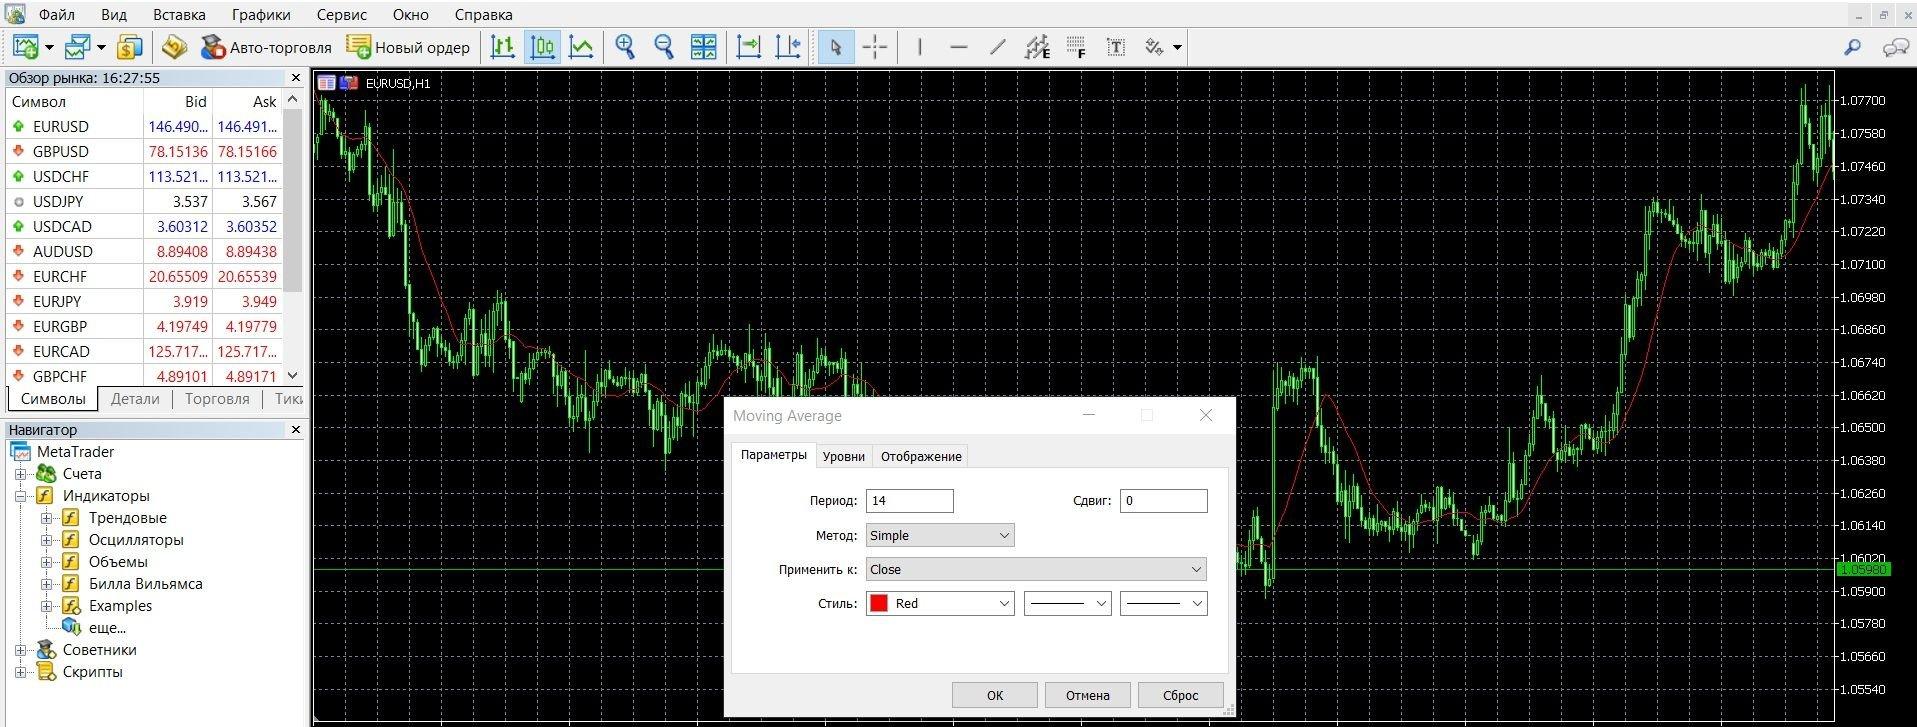 Добавление индикатора Moving Average на площадку Метатрейдер 4